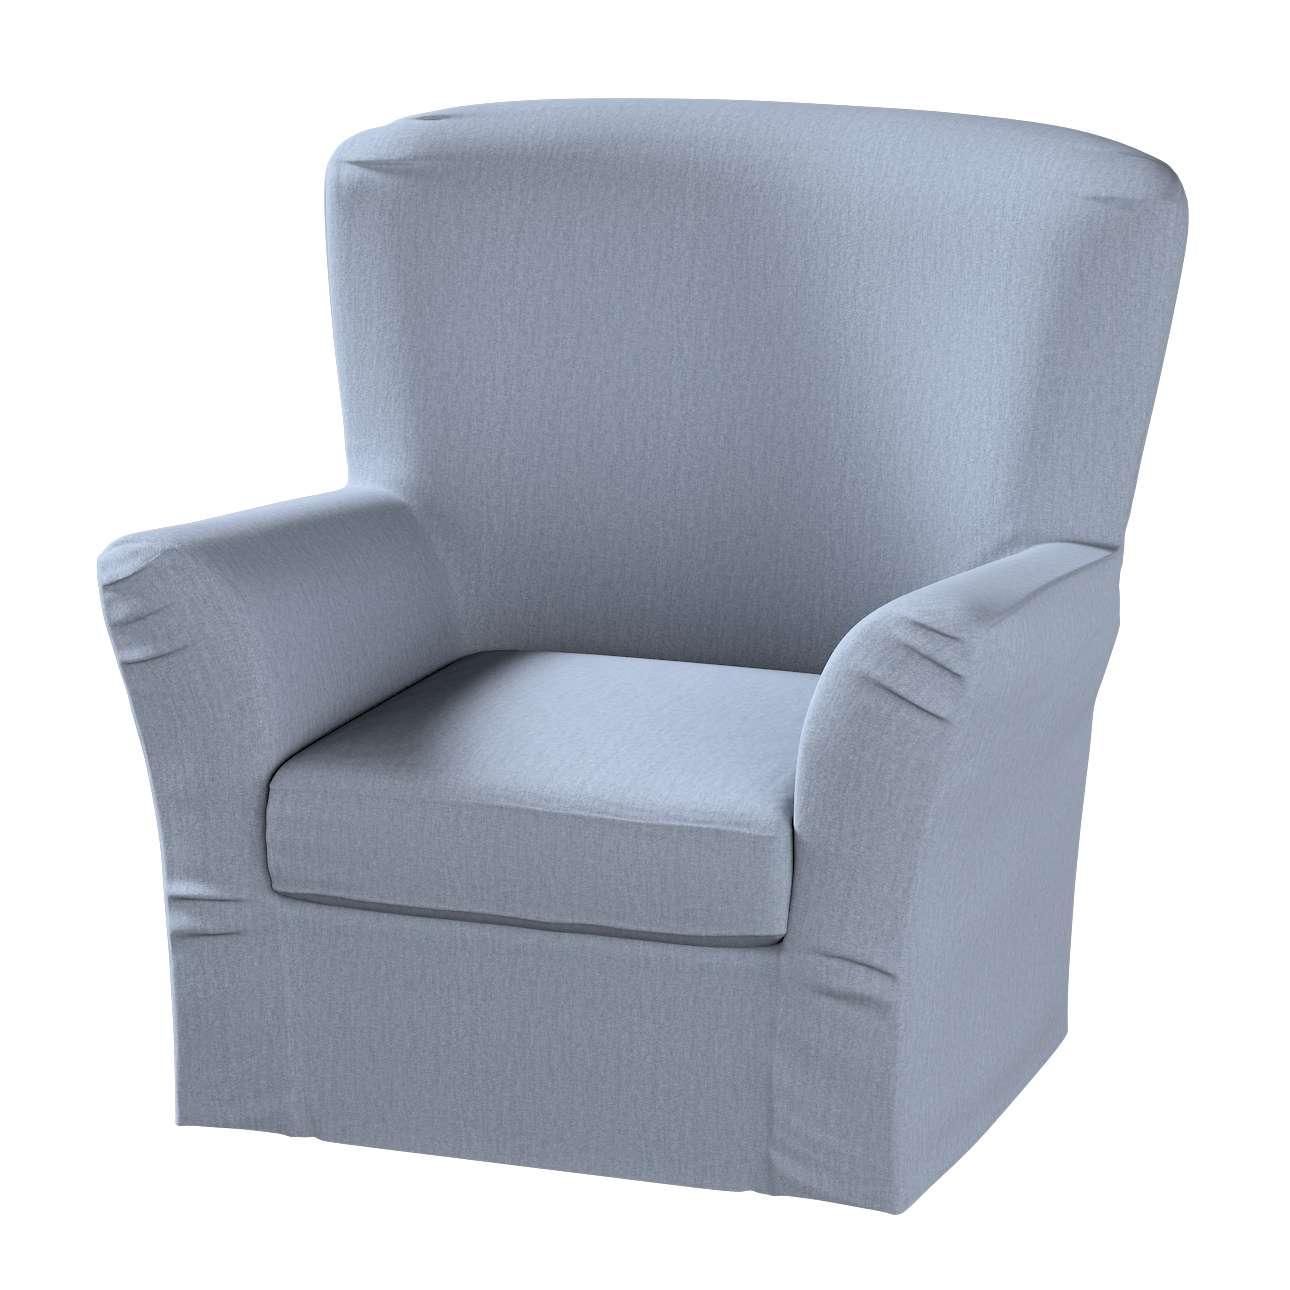 Pokrowiec na fotel Tomelilla z zakładkami fotel Tomelilla w kolekcji Chenille, tkanina: 702-13